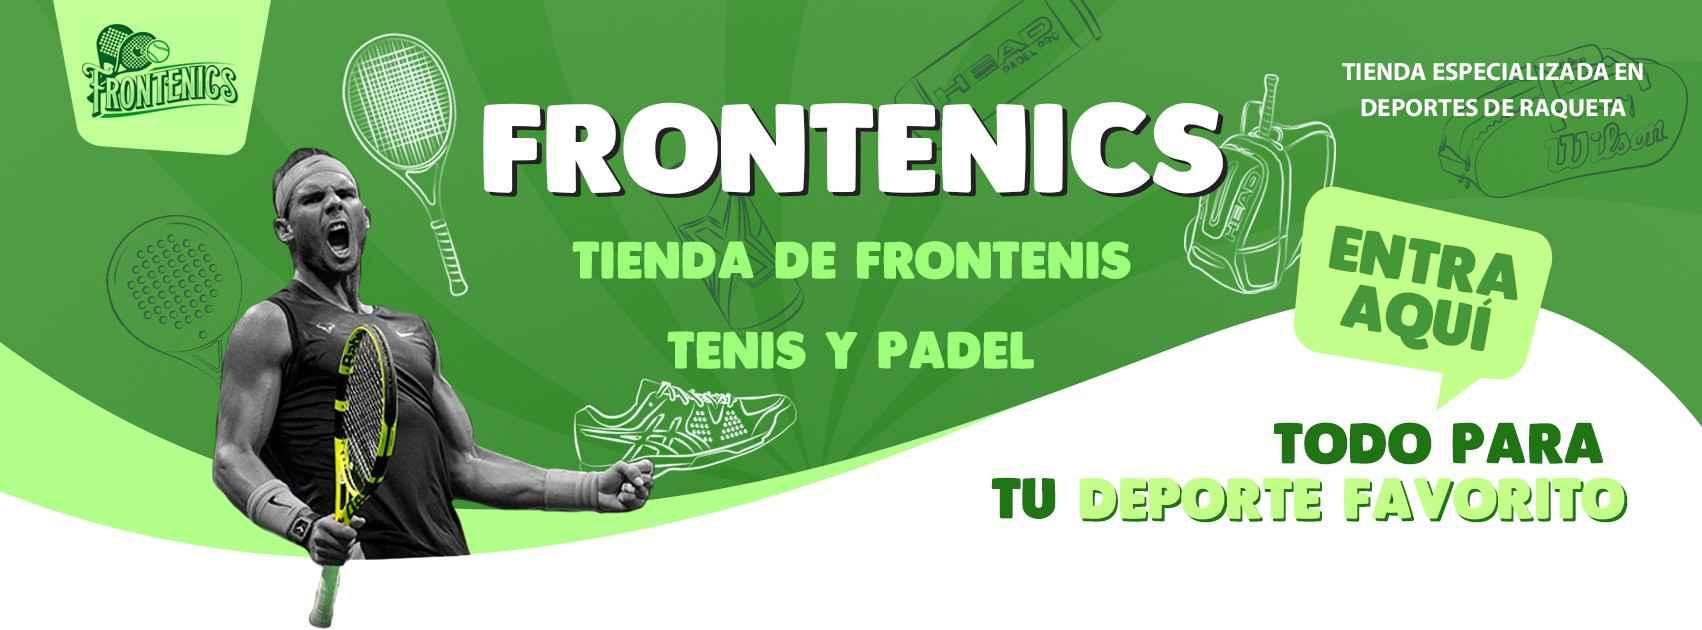 Tienda de Frontenis, Tenis y Padel